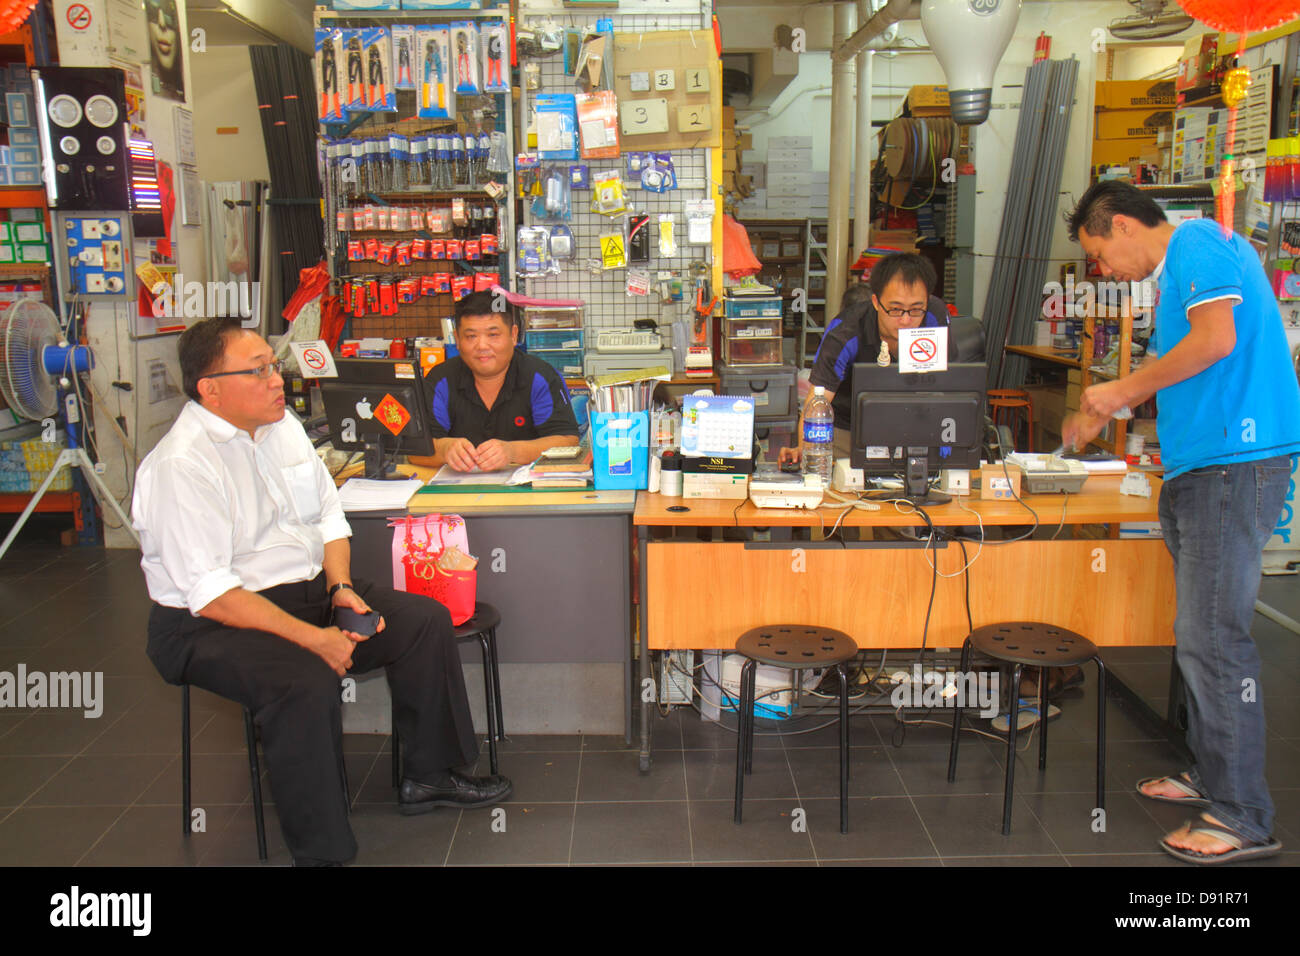 Singapore Jalan Besar hardware store Asian man small